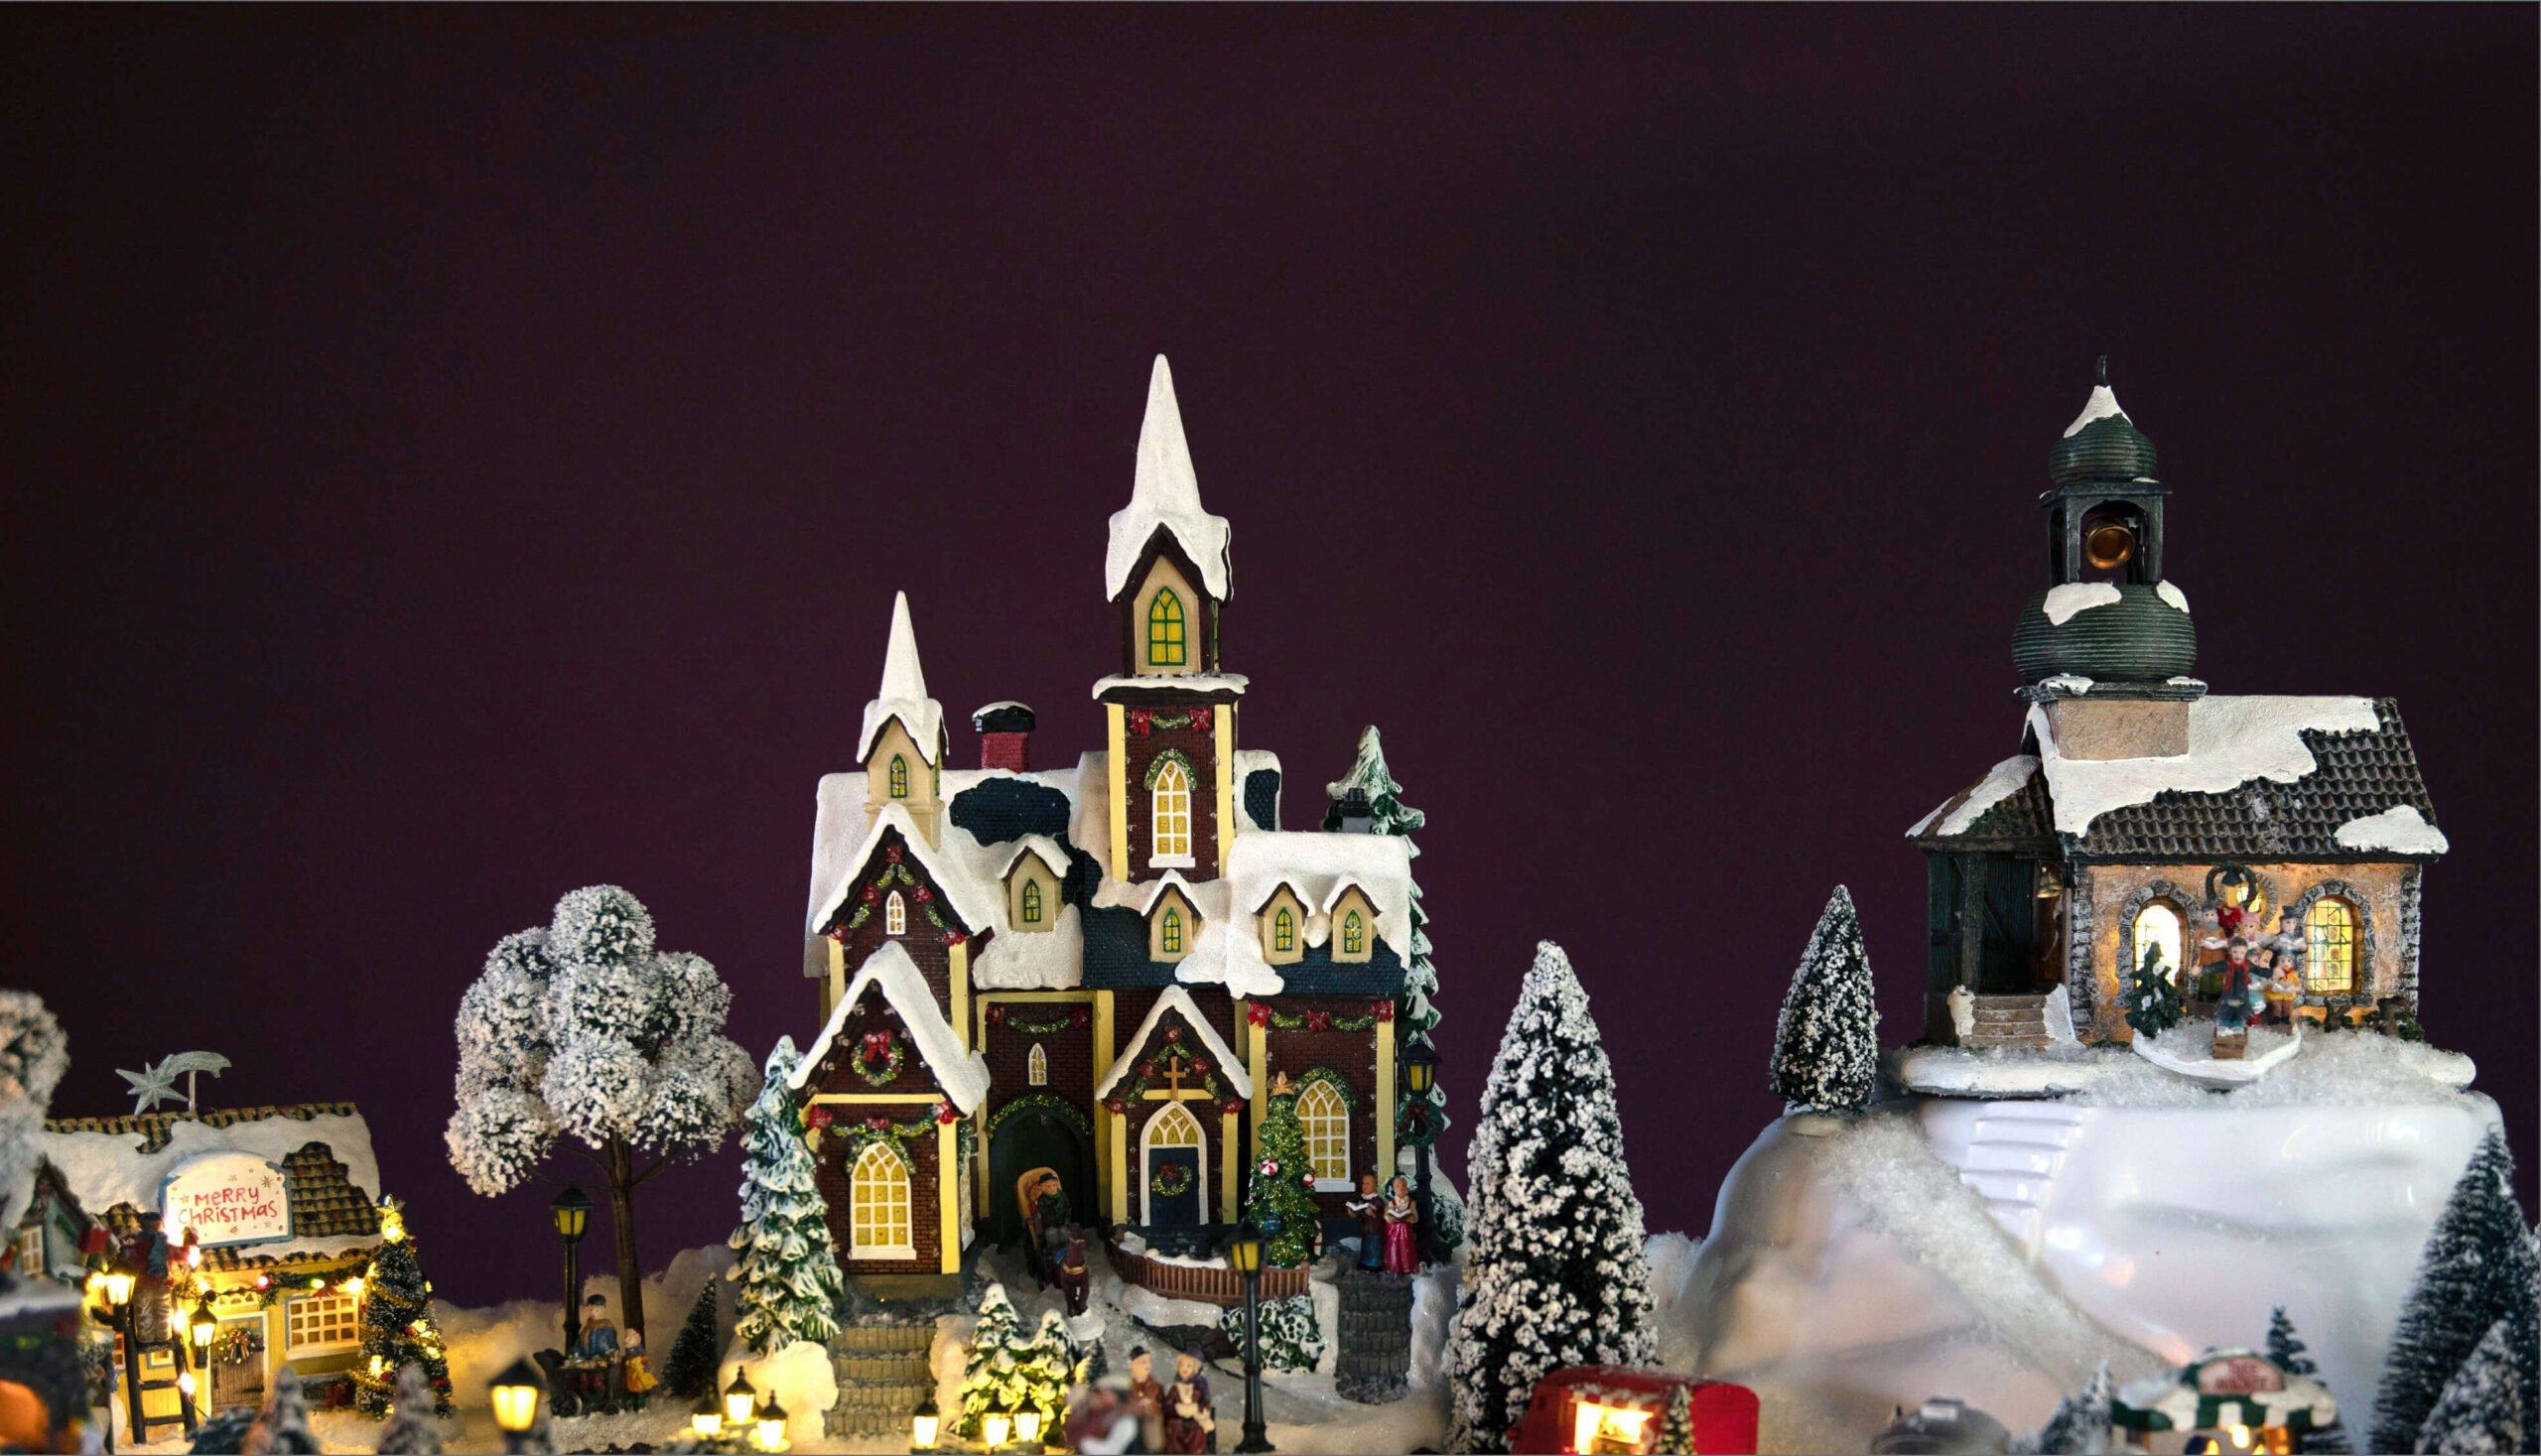 Oversiktsbilde over julebyen fra Hageland